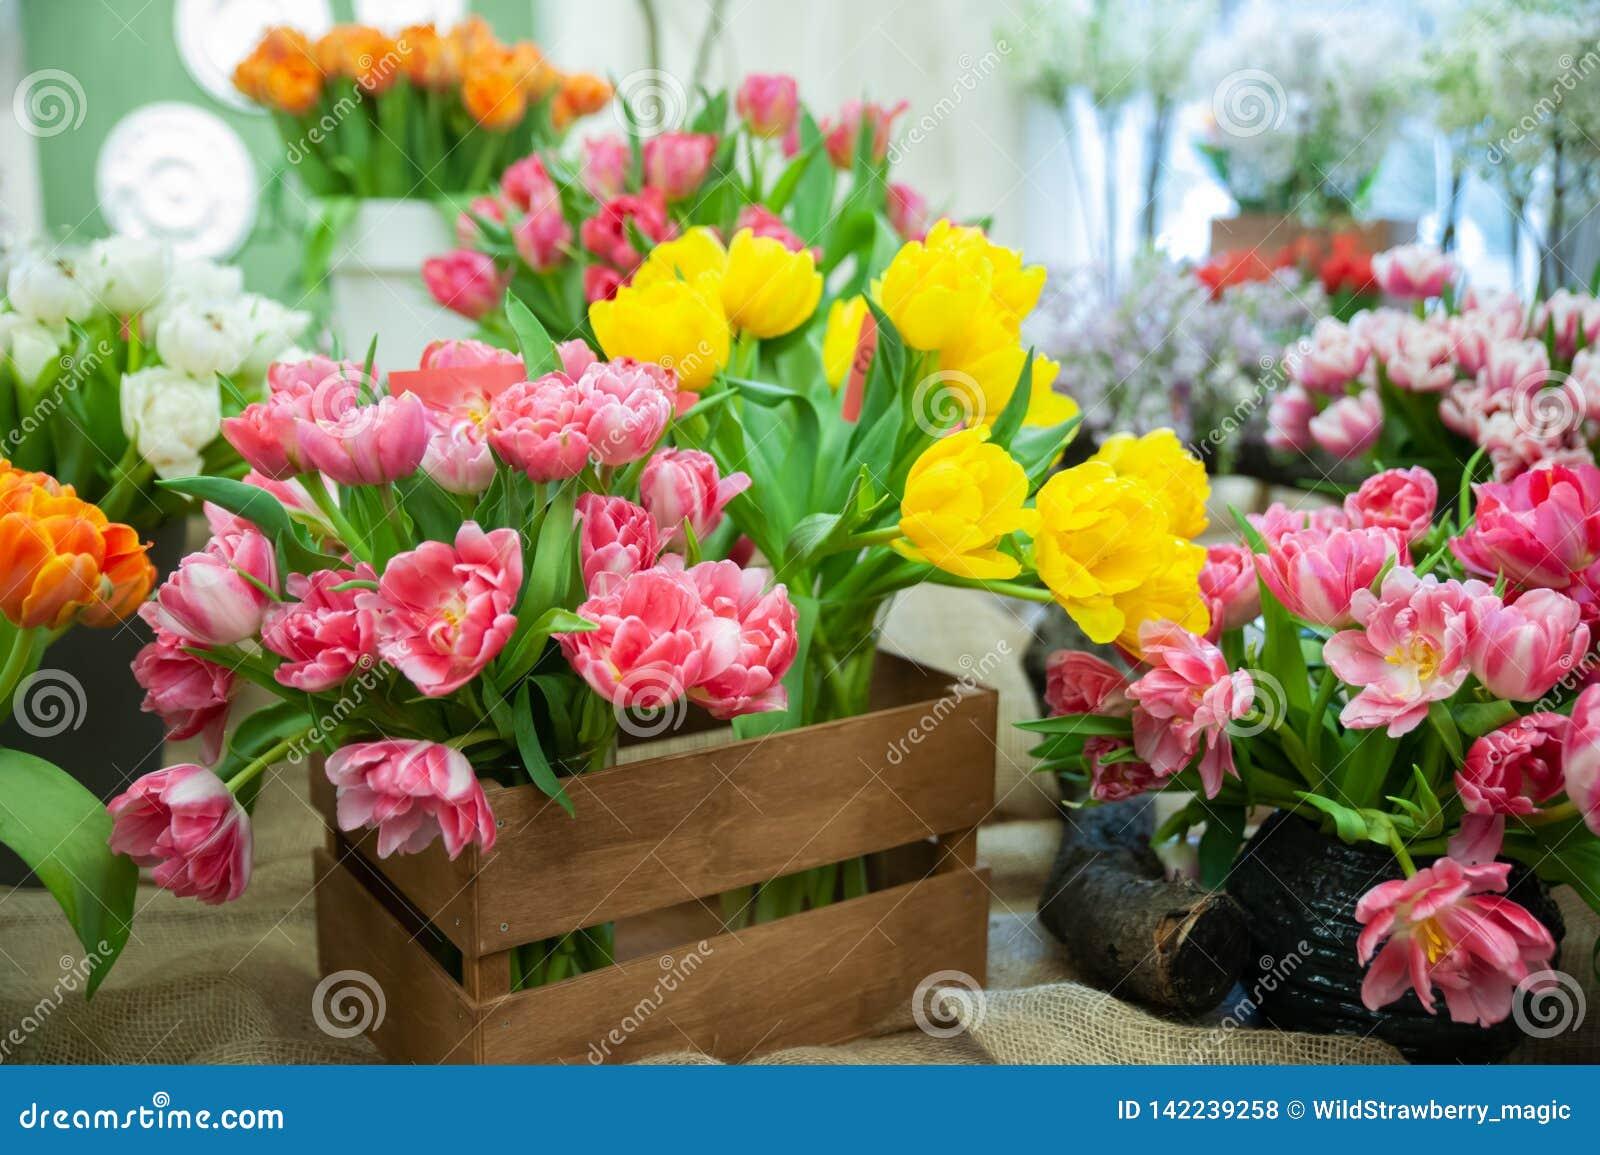 Composición floreciente hermosa de tulipanes coloridos, del fondo colorido brillante de la foto del tulipán, hola día de la prima